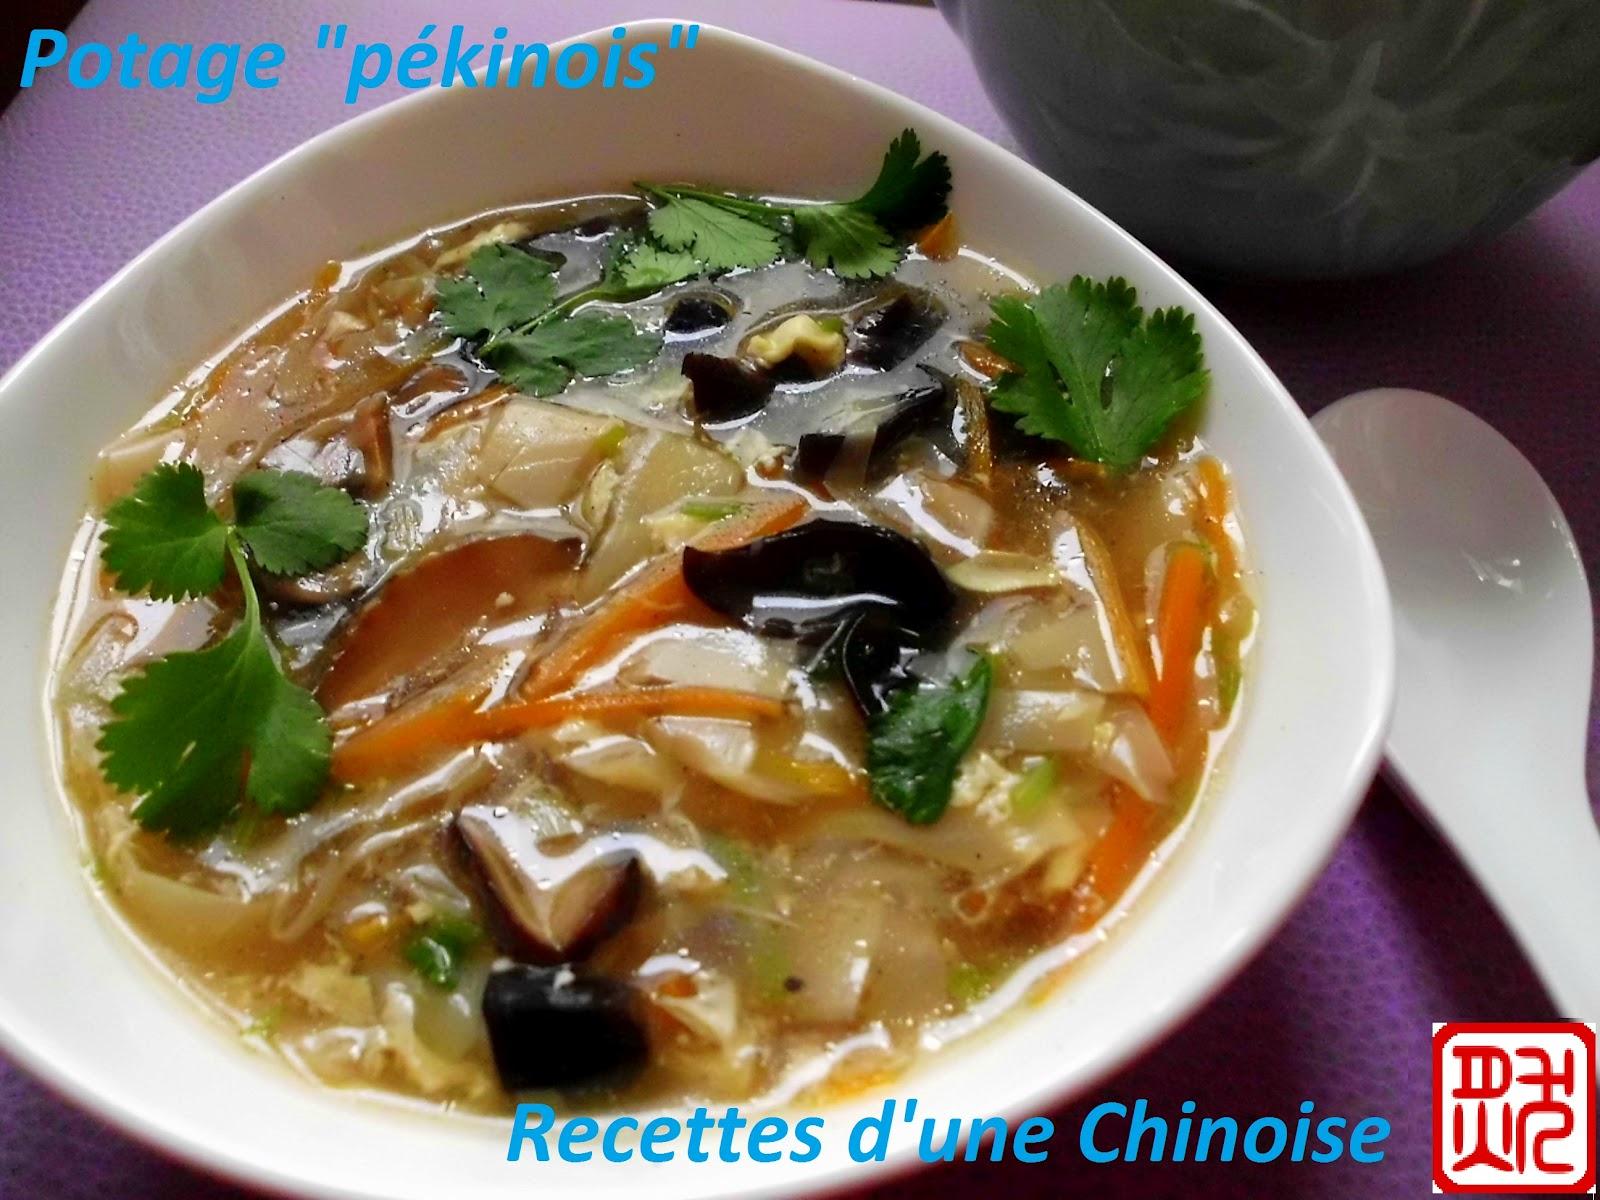 Recettes d'une Chinoise: Potage Pékinois est-il de Pékin? 四川酸辣 ...